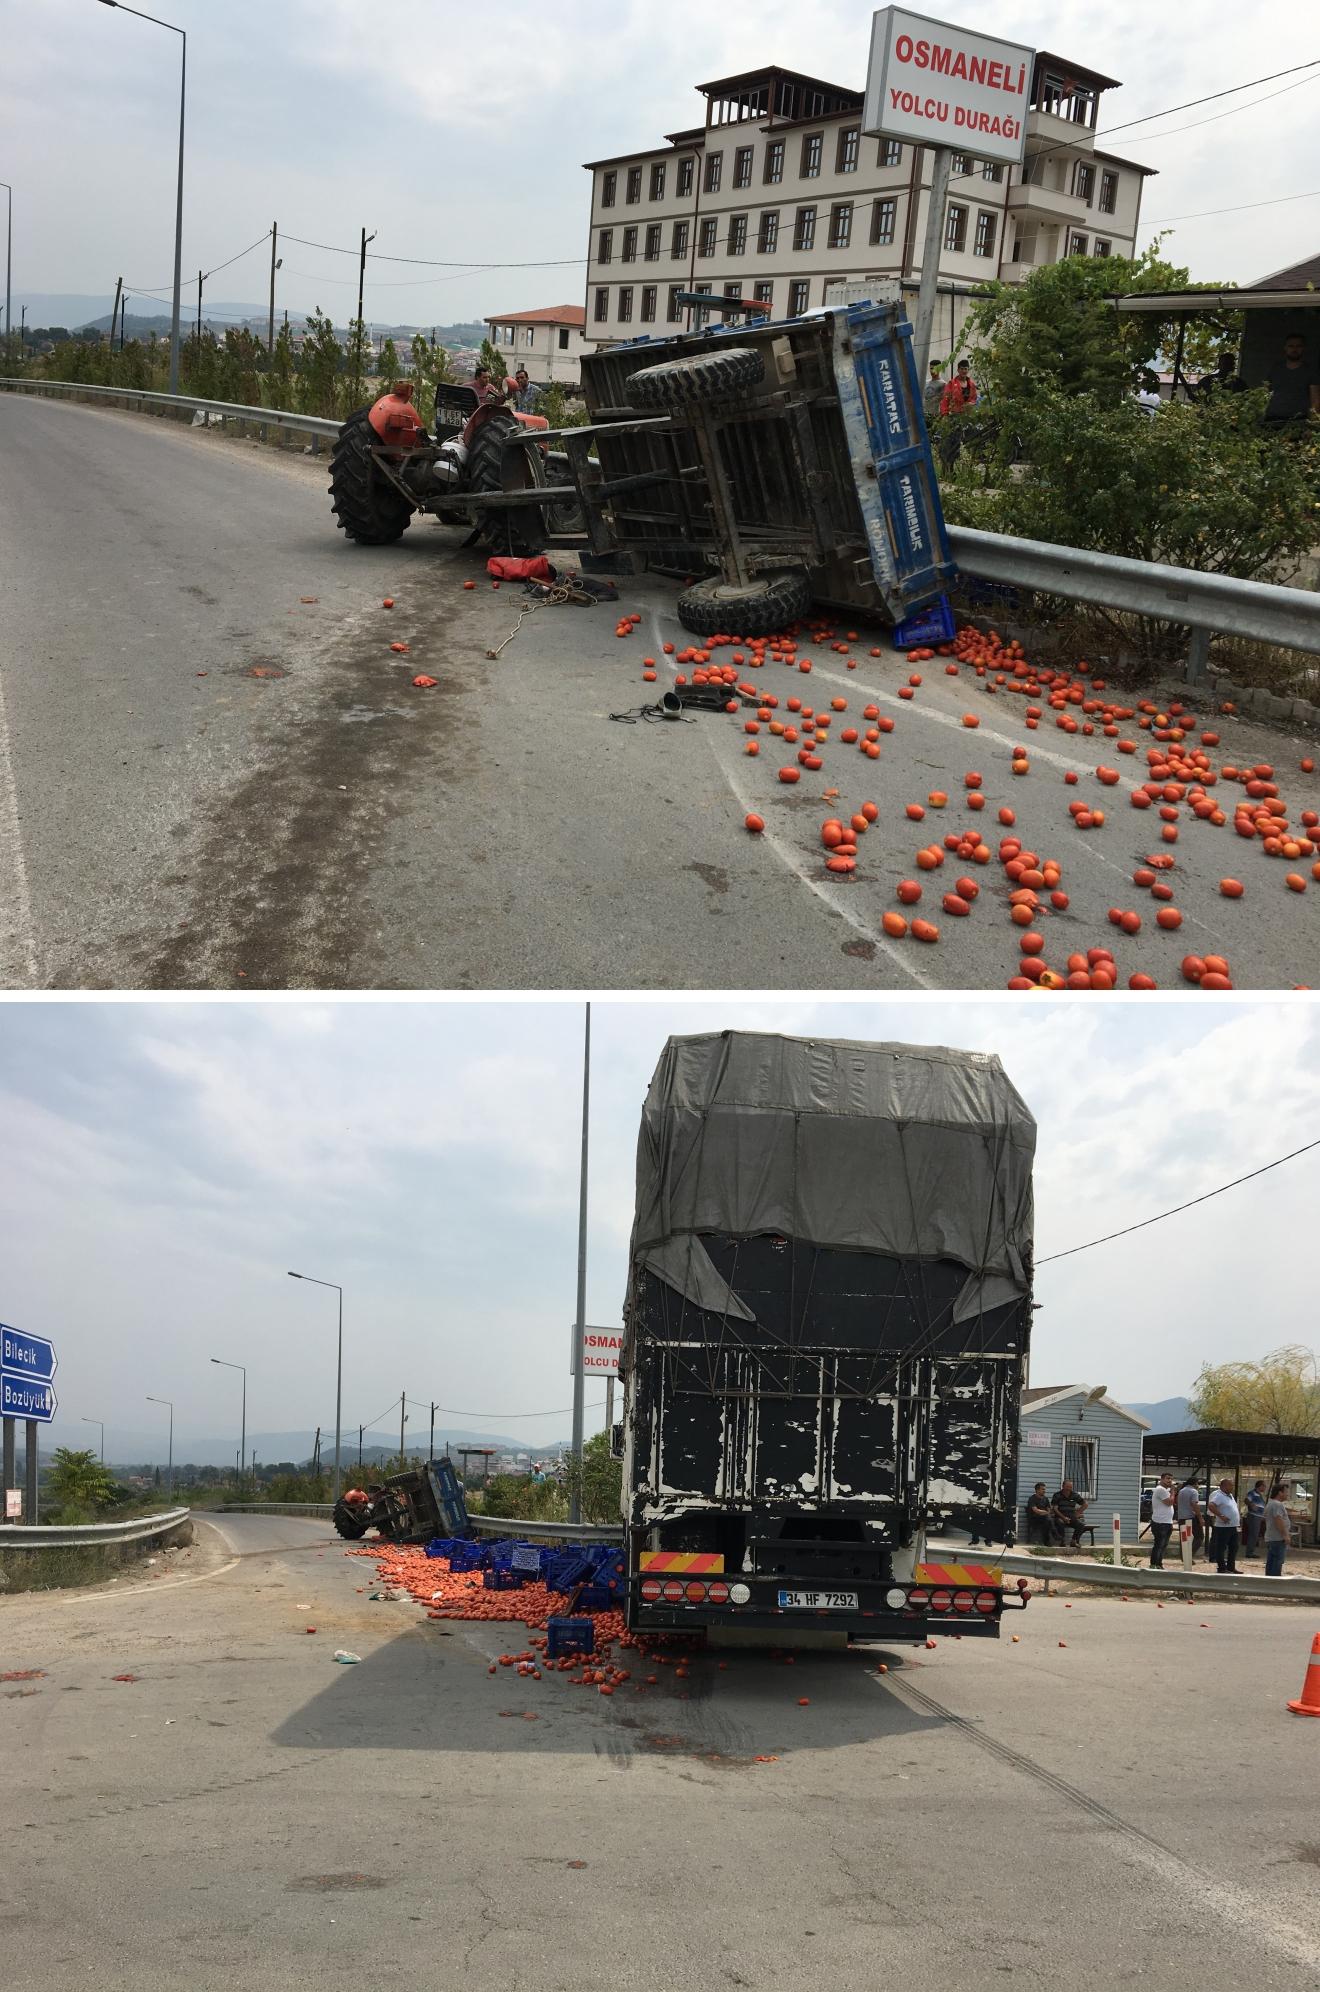 domates-yuklu-traktor-ekamyon-carpti1.jpg